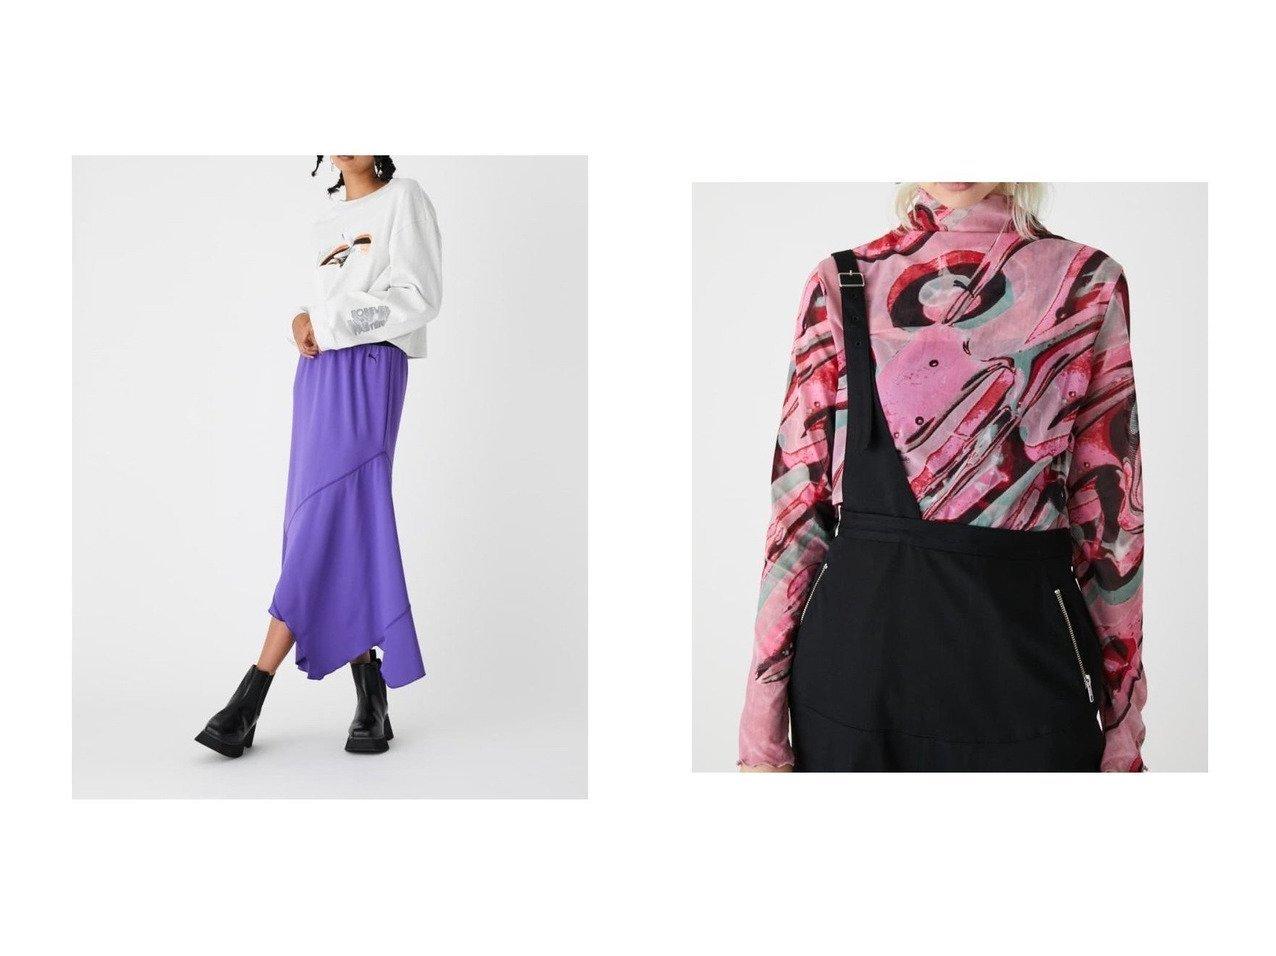 【SLY/スライ】のPUMA x SLY ASYMMETRY FLARE スカート&PUMA x SLY SAP SHEER トップス 別注・限定・コラボなど、おすすめ!人気トレンド・レディースファッション通販 おすすめで人気の流行・トレンド、ファッションの通販商品 メンズファッション・キッズファッション・インテリア・家具・レディースファッション・服の通販 founy(ファニー) https://founy.com/ ファッション Fashion レディースファッション WOMEN スカート Skirt トップス Tops Tshirt シャツ/ブラウス Shirts Blouses 2020年 2020 2020-2021 秋冬 A/W AW Autumn/Winter / FW Fall-Winter 2020-2021 A/W 秋冬 AW Autumn/Winter / FW Fall-Winter アシンメトリー コラボ インナー キャミソール グラフィック ストレッチ チュール 長袖 |ID:crp329100000013648